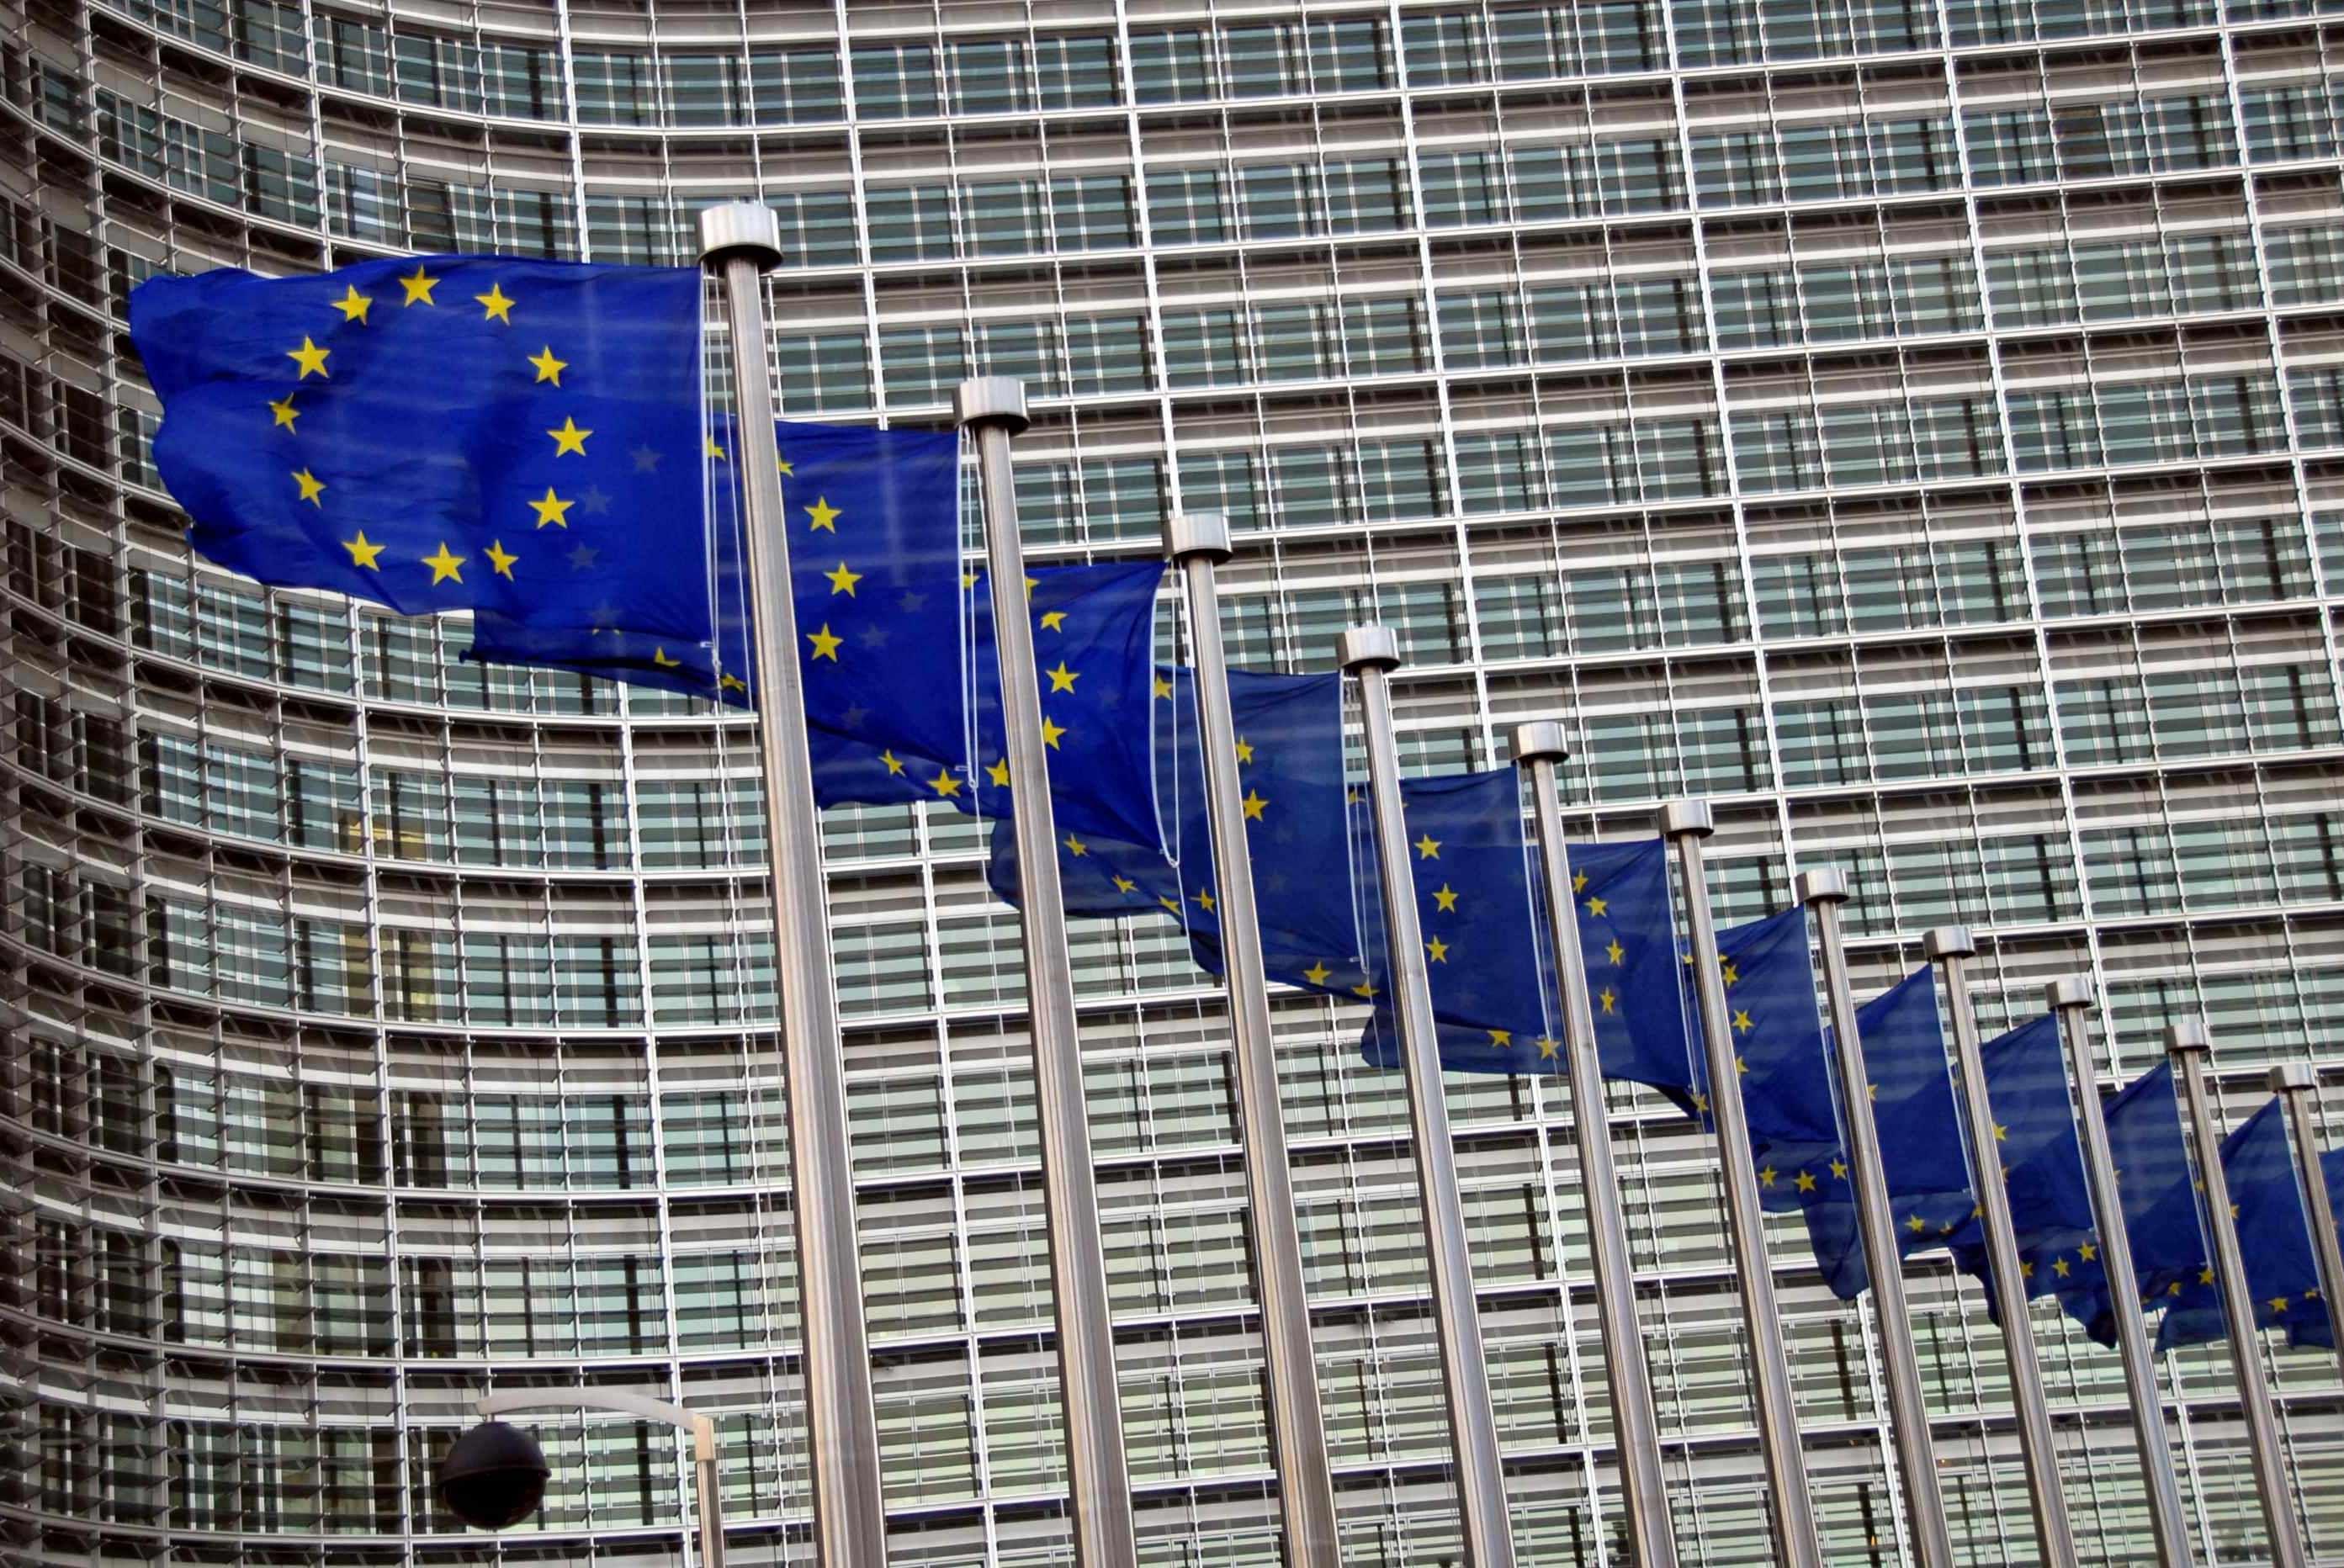 la-commissione-europea-potrebbe-invalidare-il-geo-blocking-nell-8217-eu-v2-246706